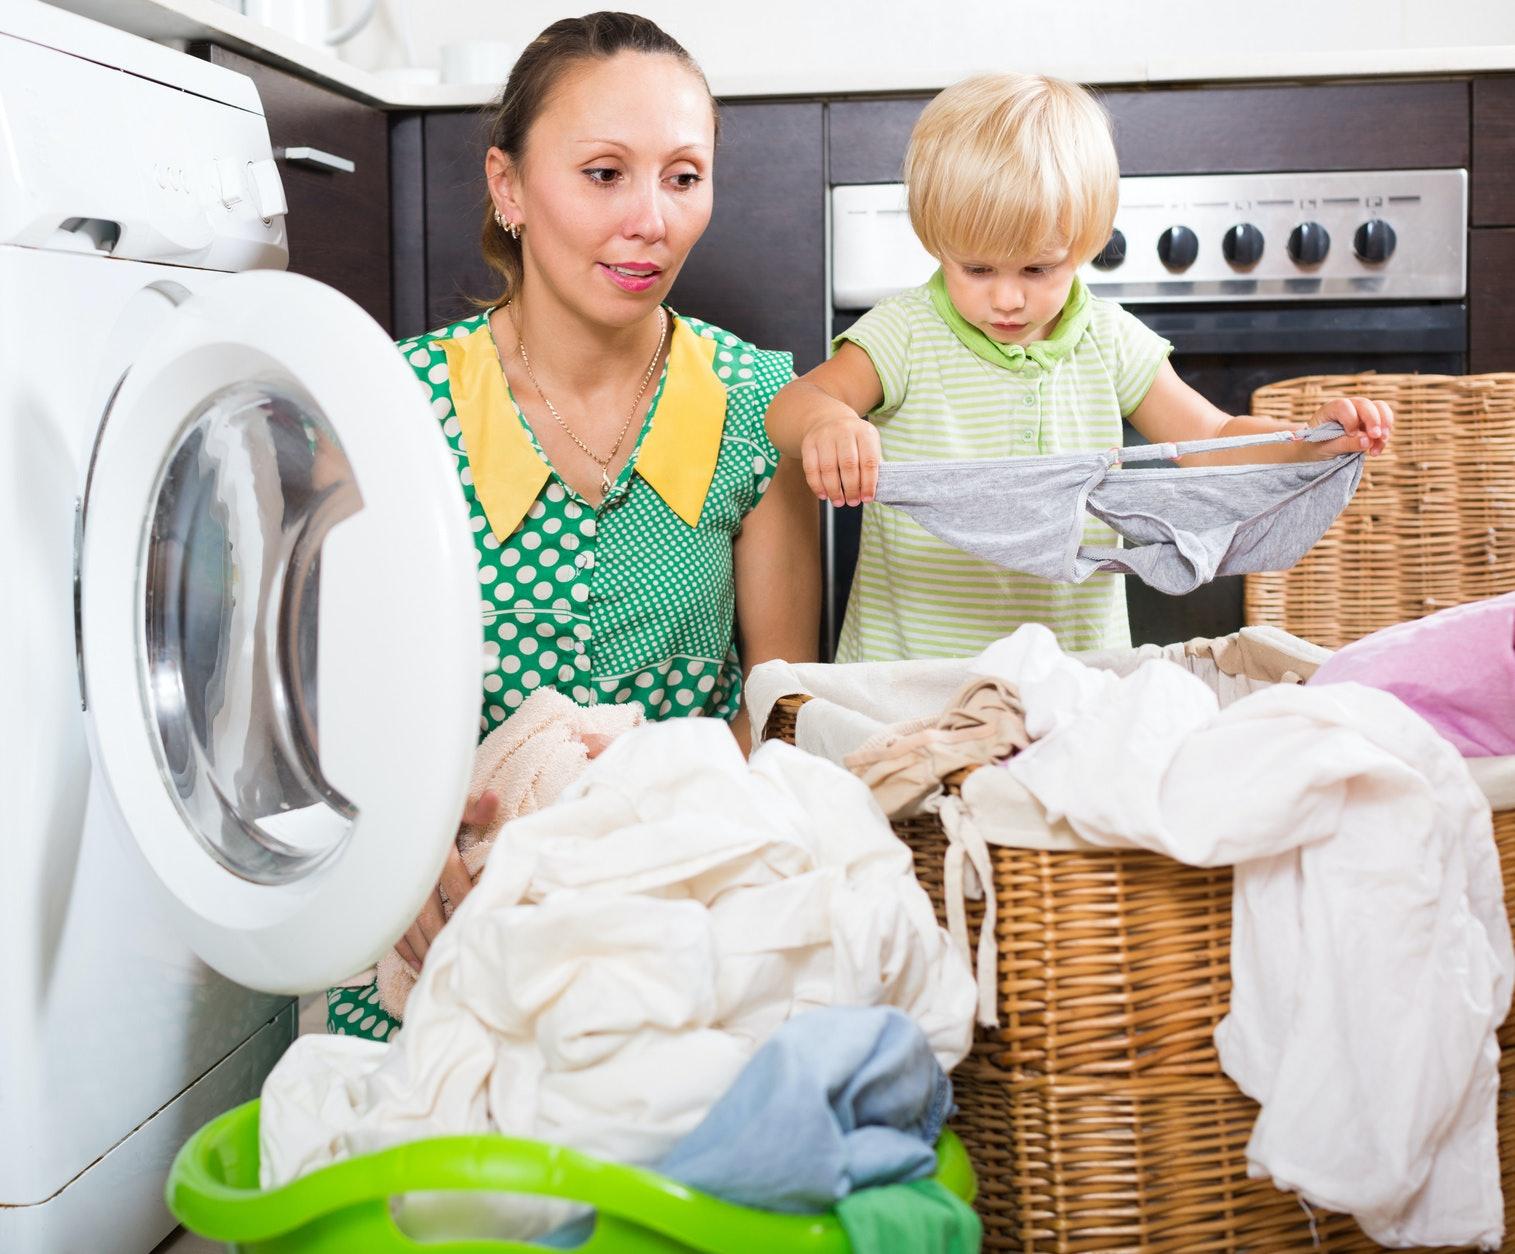 Naked moms doing laundry